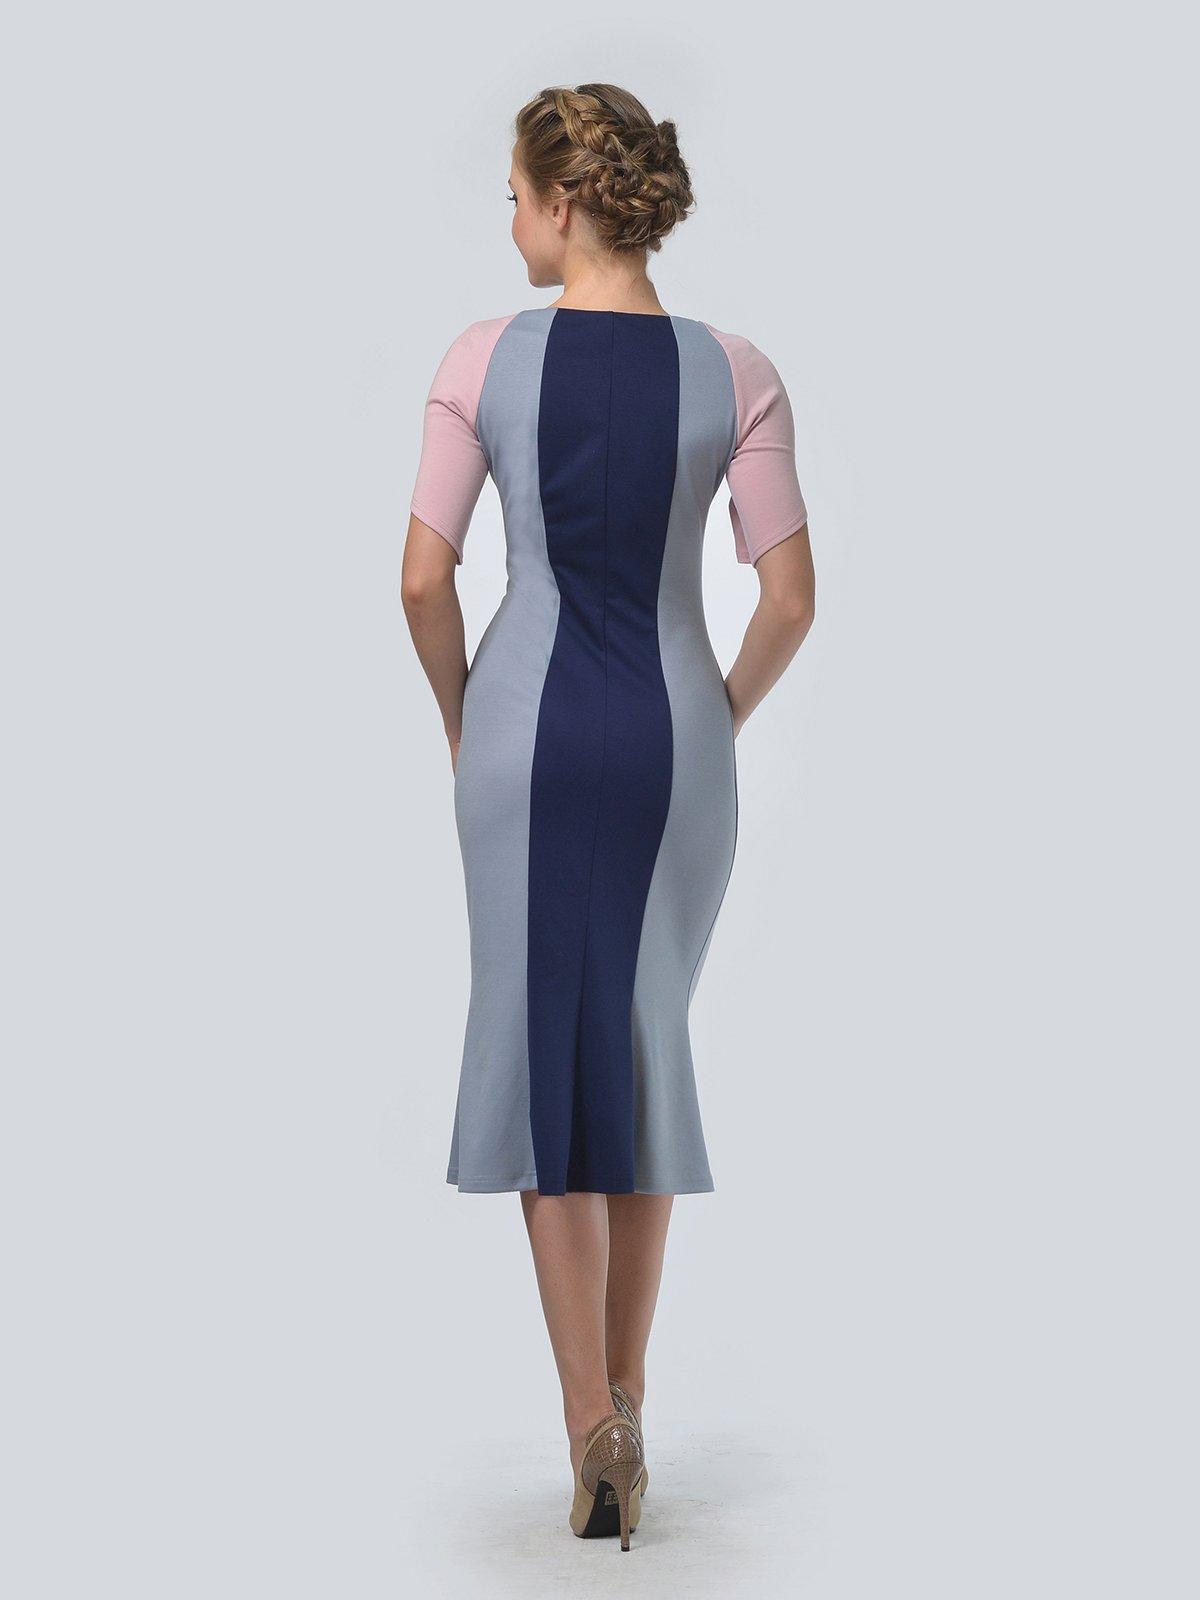 Платье трехцветное   3505477   фото 3